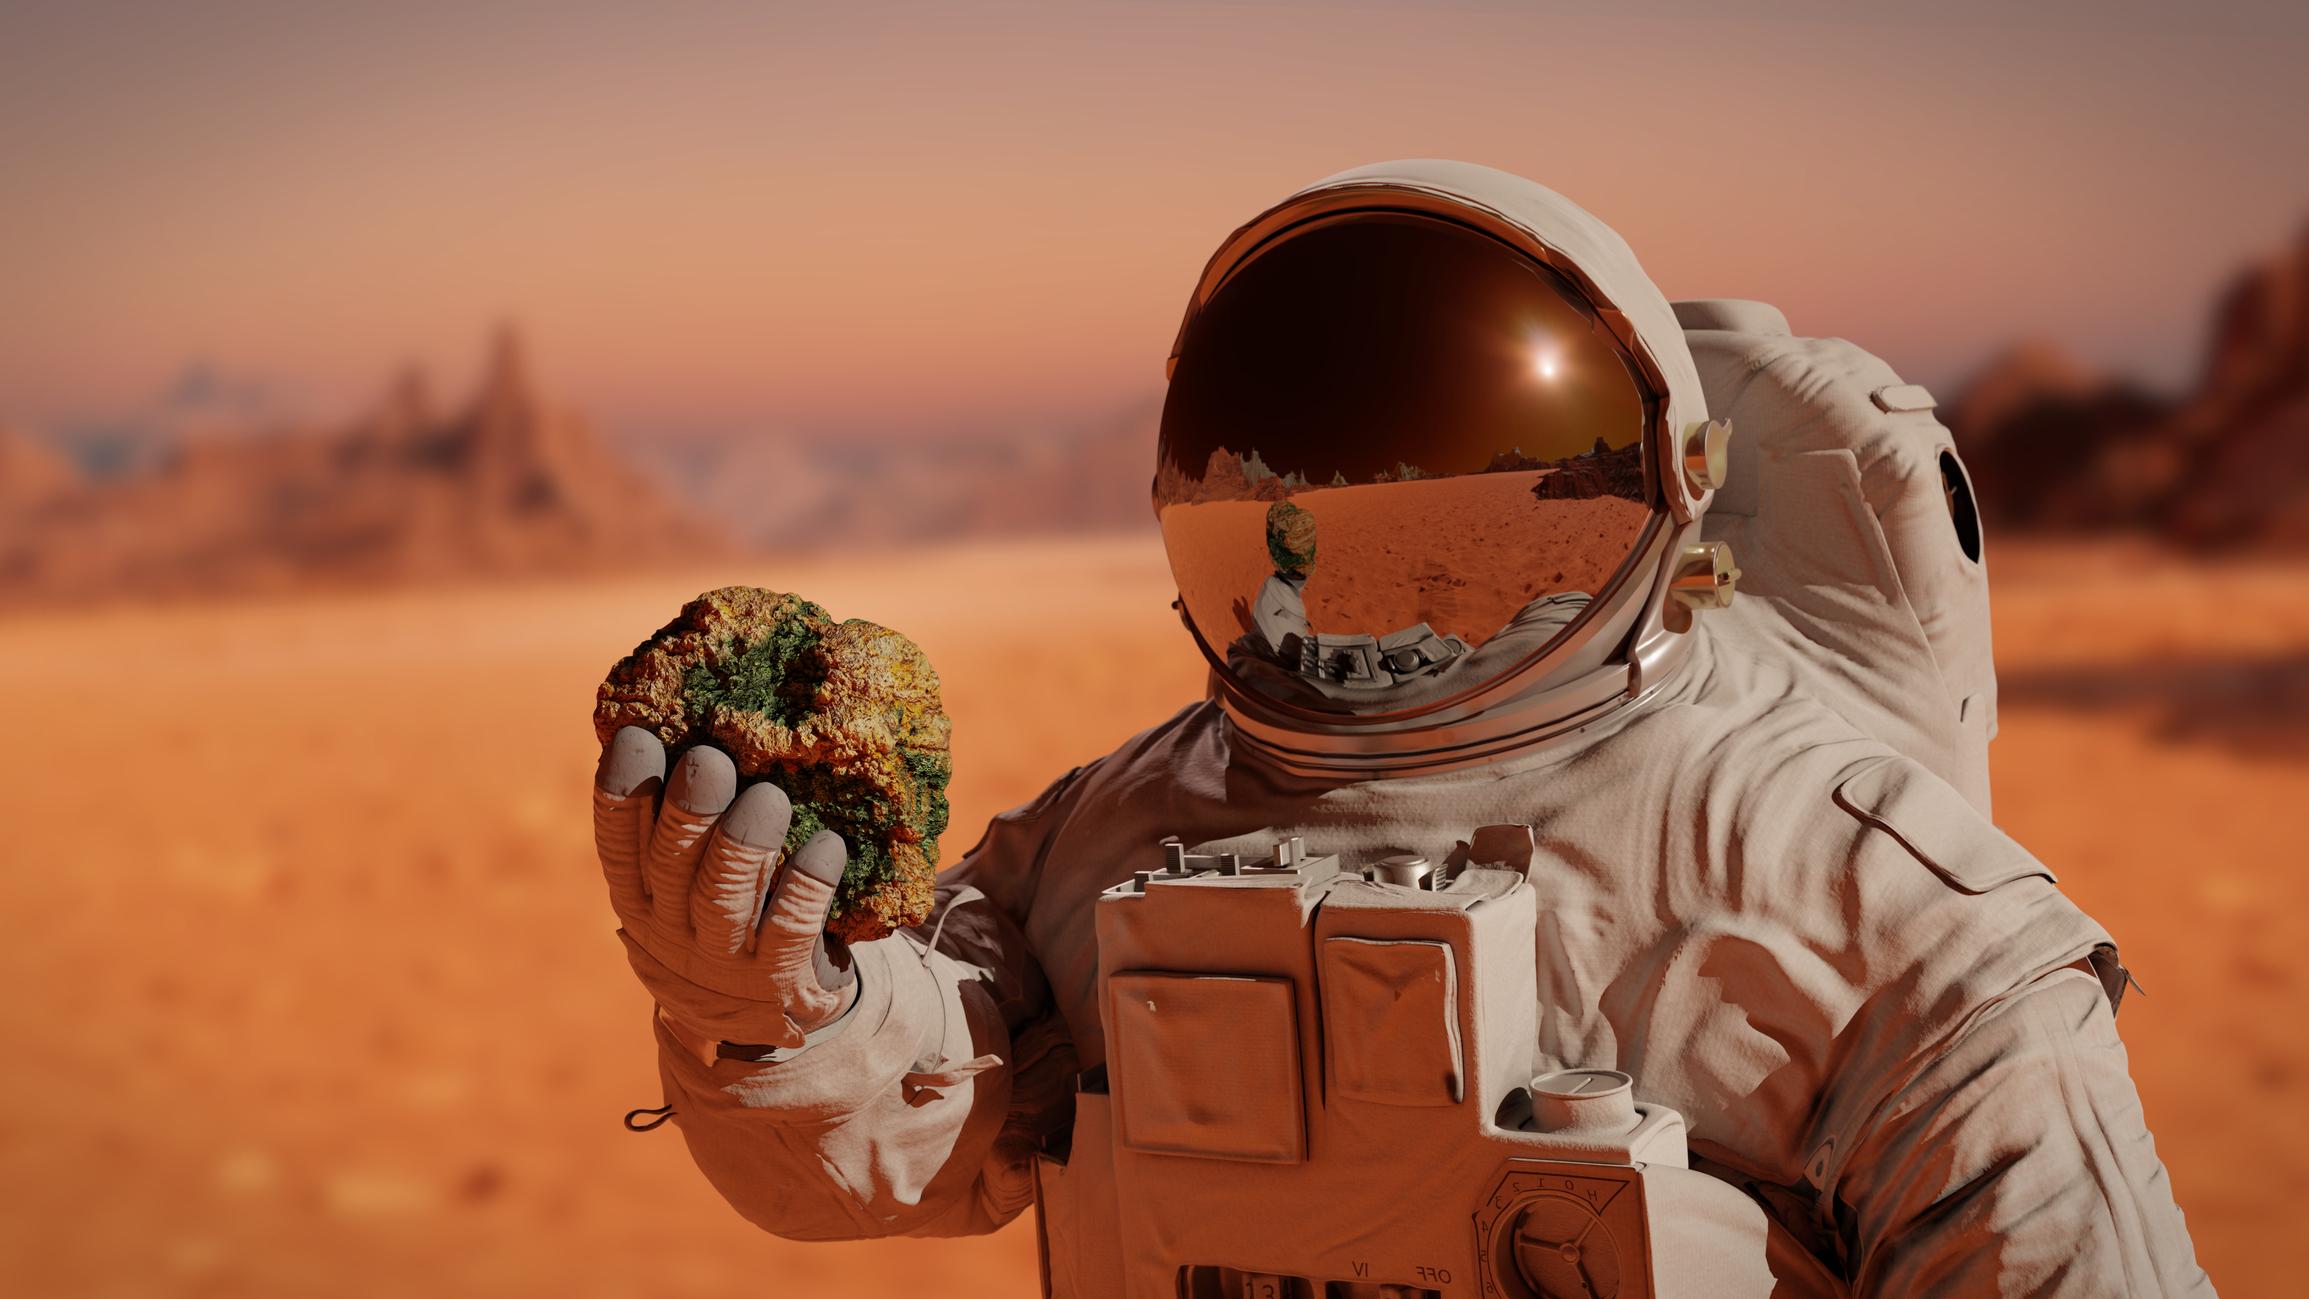 """NASA a trimis pe Marte un dispozitiv care transforma CO2 in Oxigen. """"Copacul"""" MOXIE, un pas important pentru viitoarele misiuni umane"""